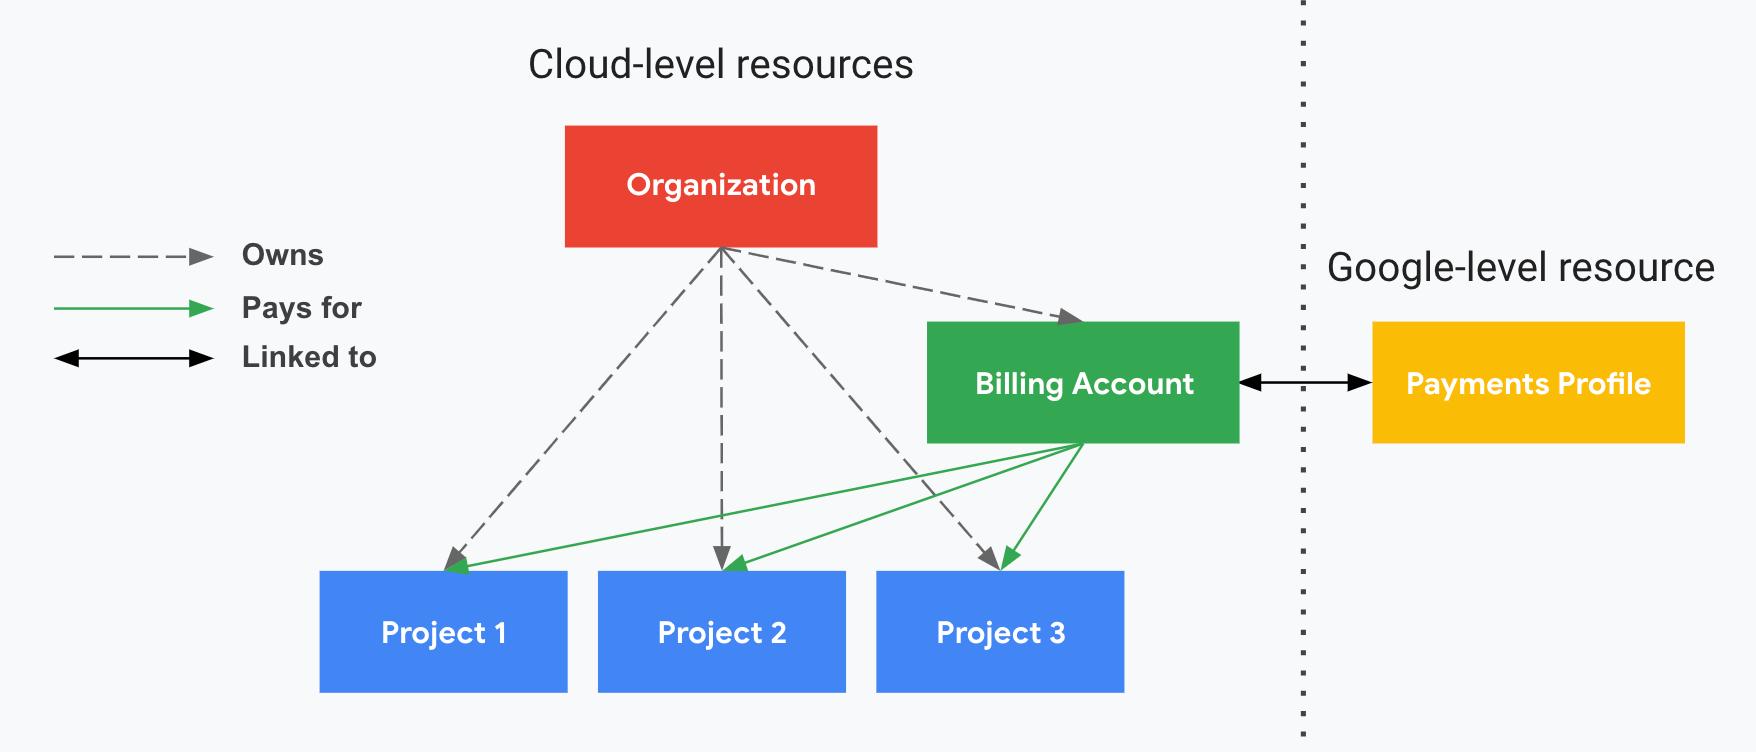 Illustre la relation entre les projets, votre compte CloudBilling et l'organisation, ainsi que votre profil de paiement. Un côté affiche vos ressources au niveau du cloud (organisation, compte CloudBilling et projets associés) et l'autre, divisé par une ligne pointillée verticale, affiche votre ressource Google (profil de paiement). Les paiements de vos projets sont assurés par votre compte CloudBilling, qui est associé à votre profil de paiement. L'organisation contrôle la propriété à l'aide de CloudIAM.